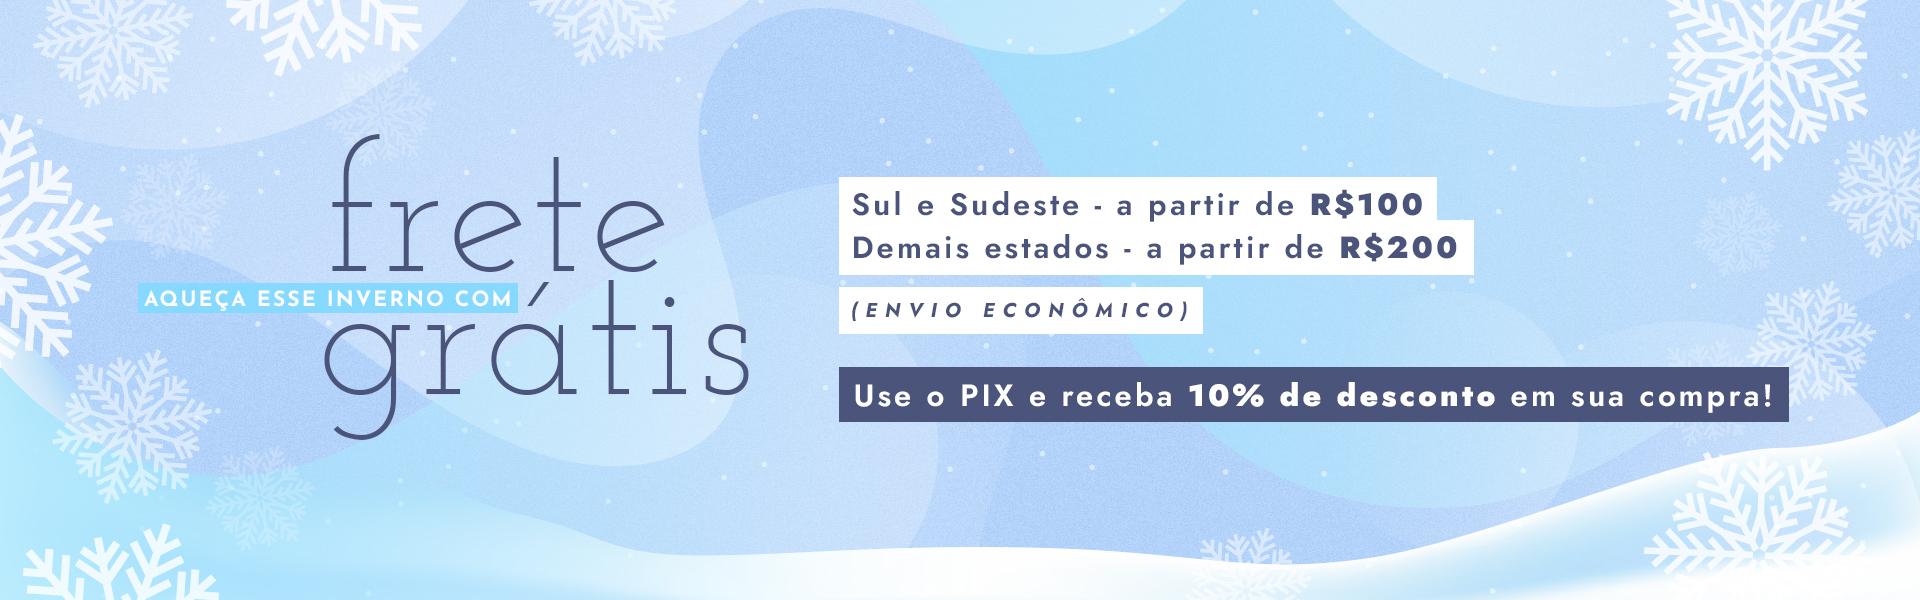 Slider desktop 4 – FRETE GRATIS BRASIL